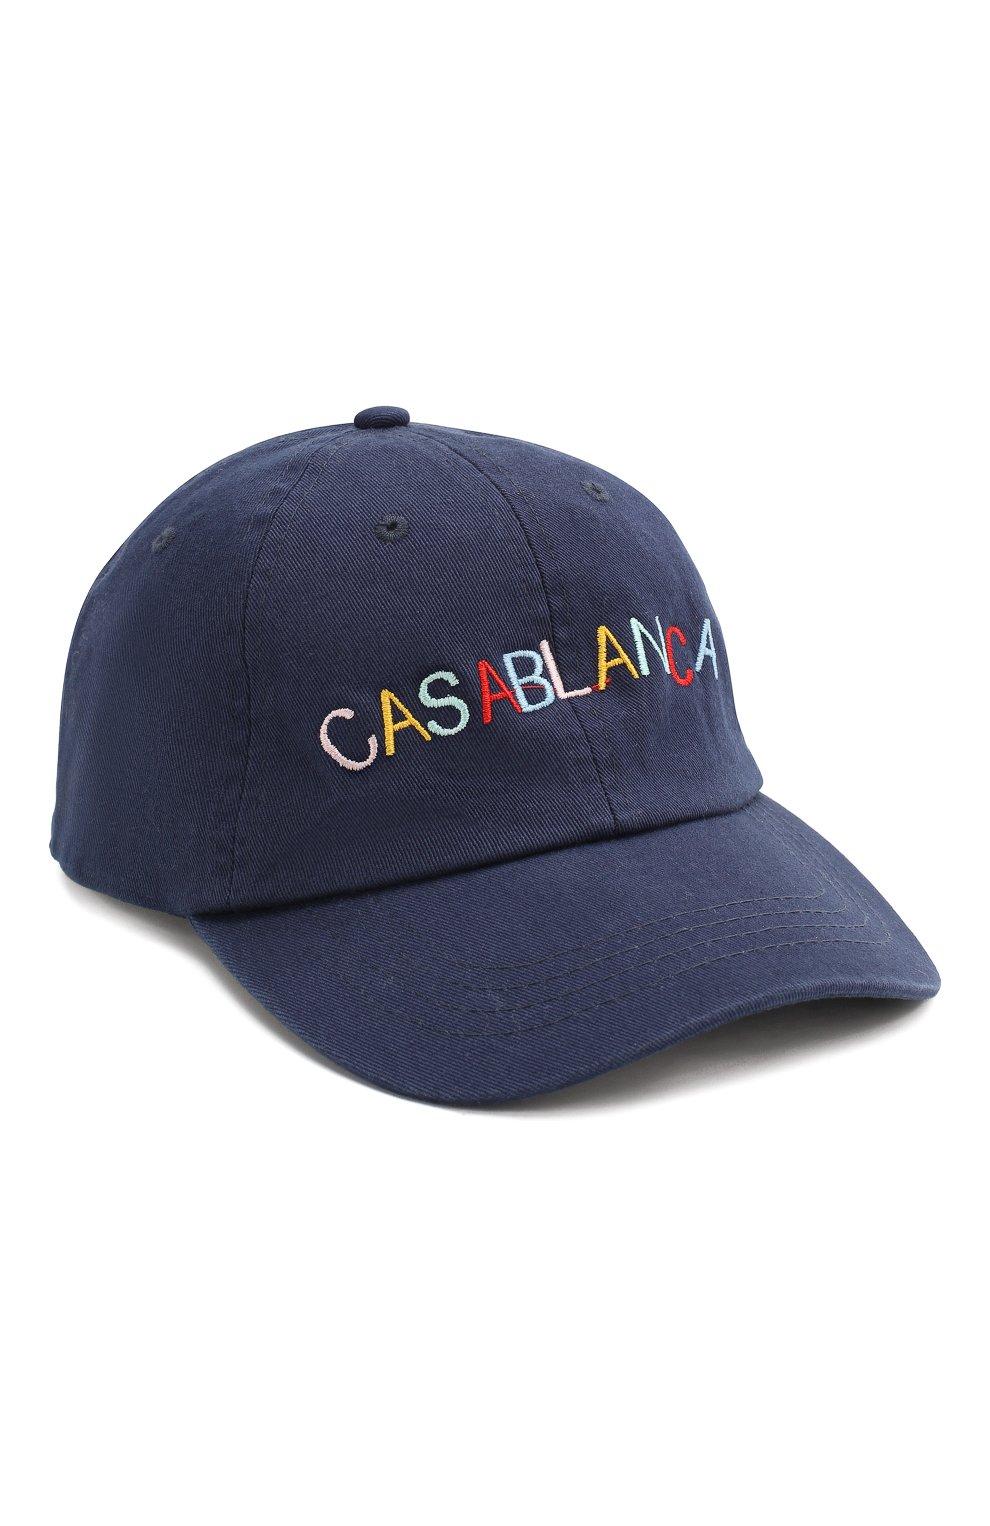 Мужской хлопковая бейсболка CASABLANCA темно-синего цвета, арт. AC20-HAT-002 CASA 0CEAN RES0RT CAP   Фото 1